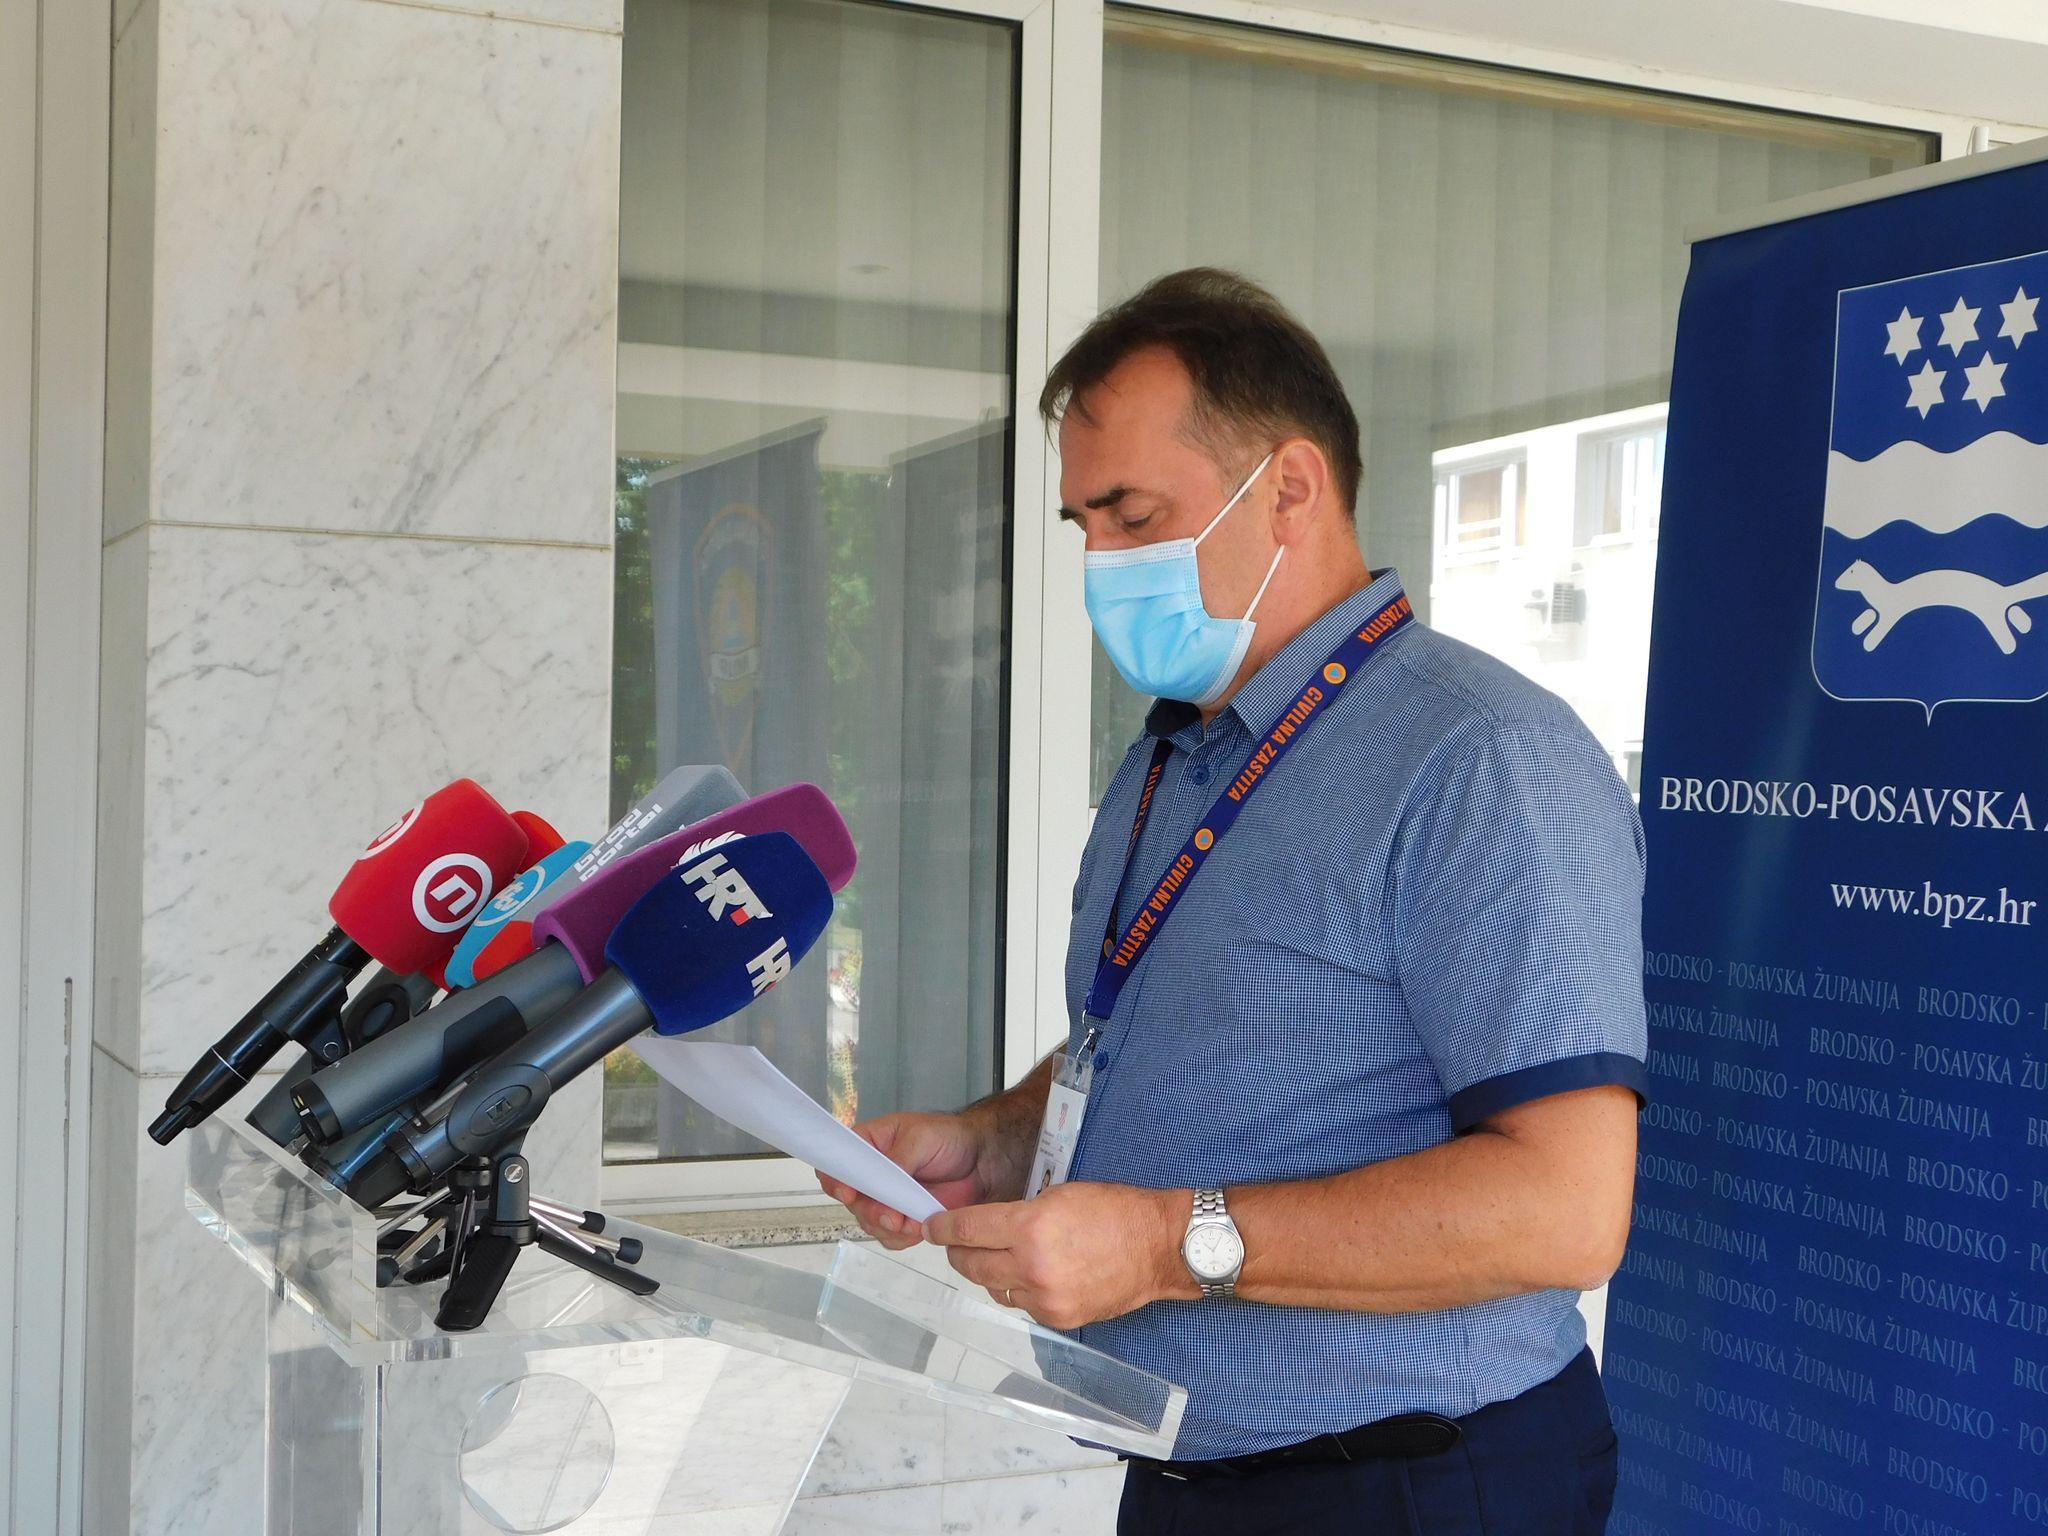 U Brodsko-posavskoj županiji danas 36 novih pozitivnih osoba